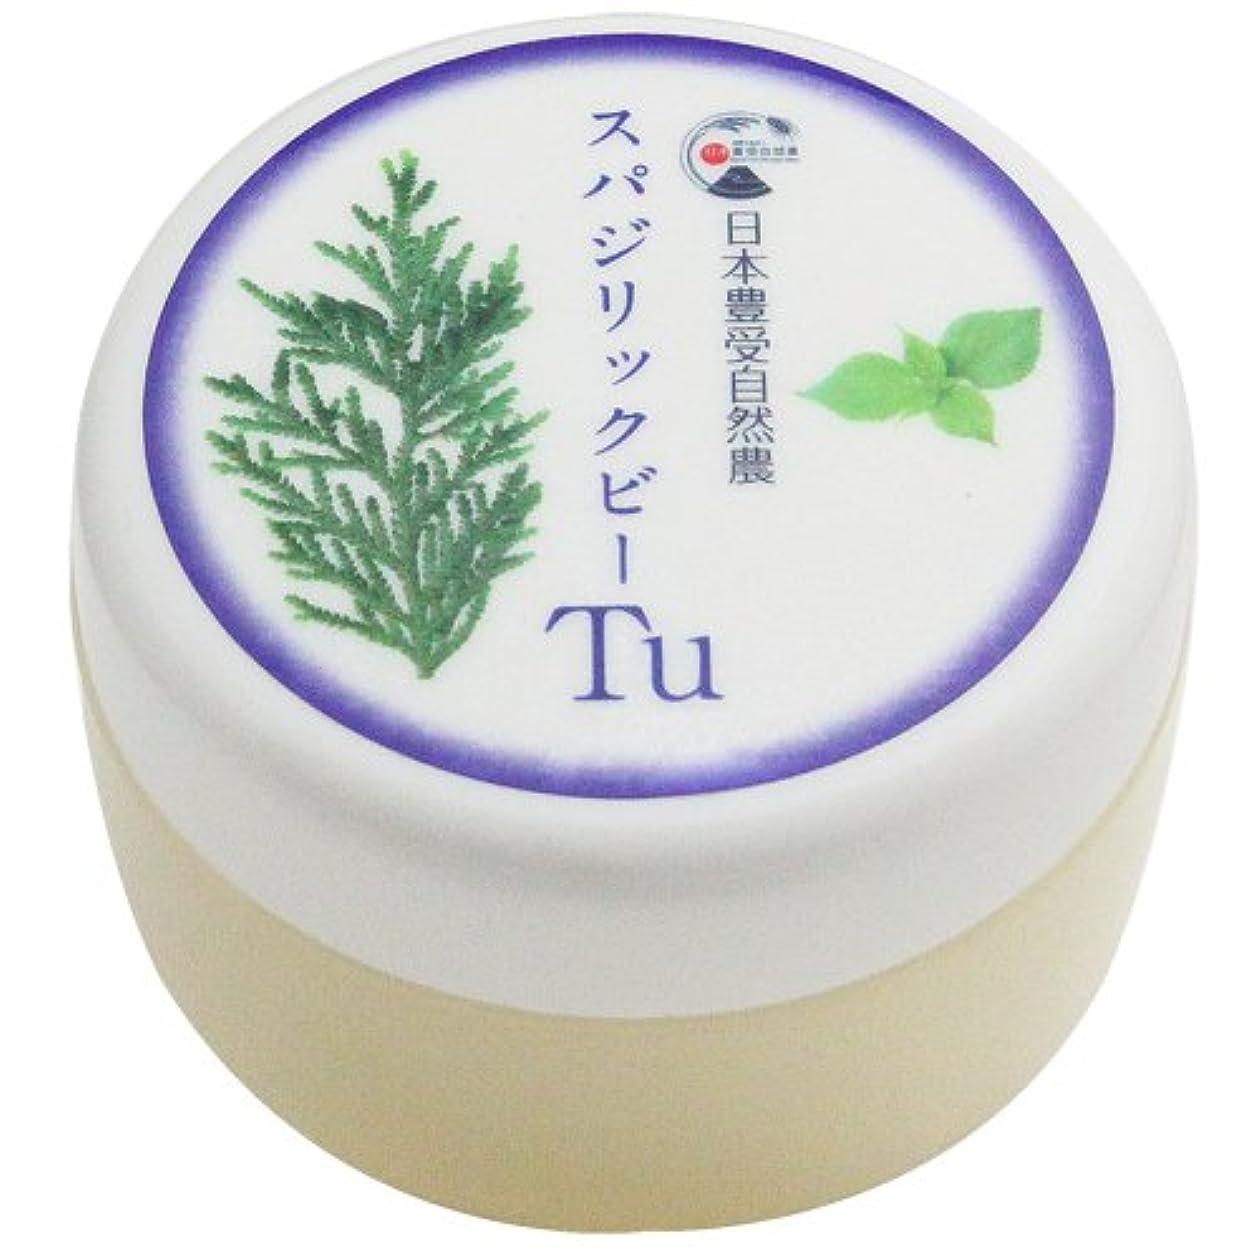 叙情的なマーチャンダイジング意識的日本豊受自然農 スパジリック ビーTu(特大) 135g